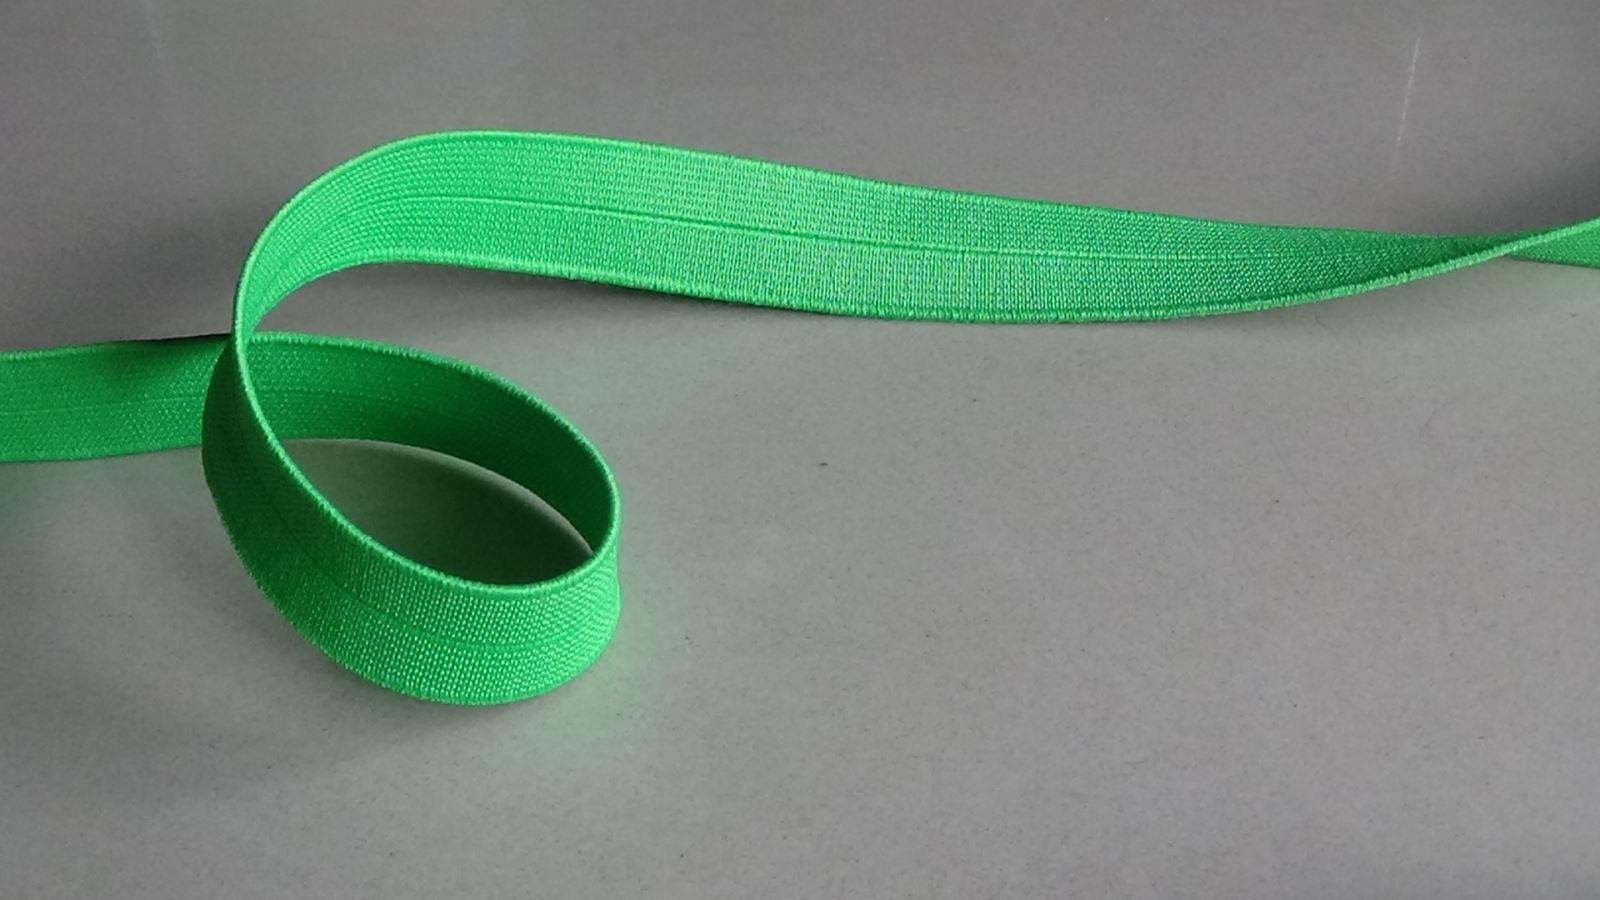 Đảm bảo chất lượng của thun dệt kim đạt chuẩn